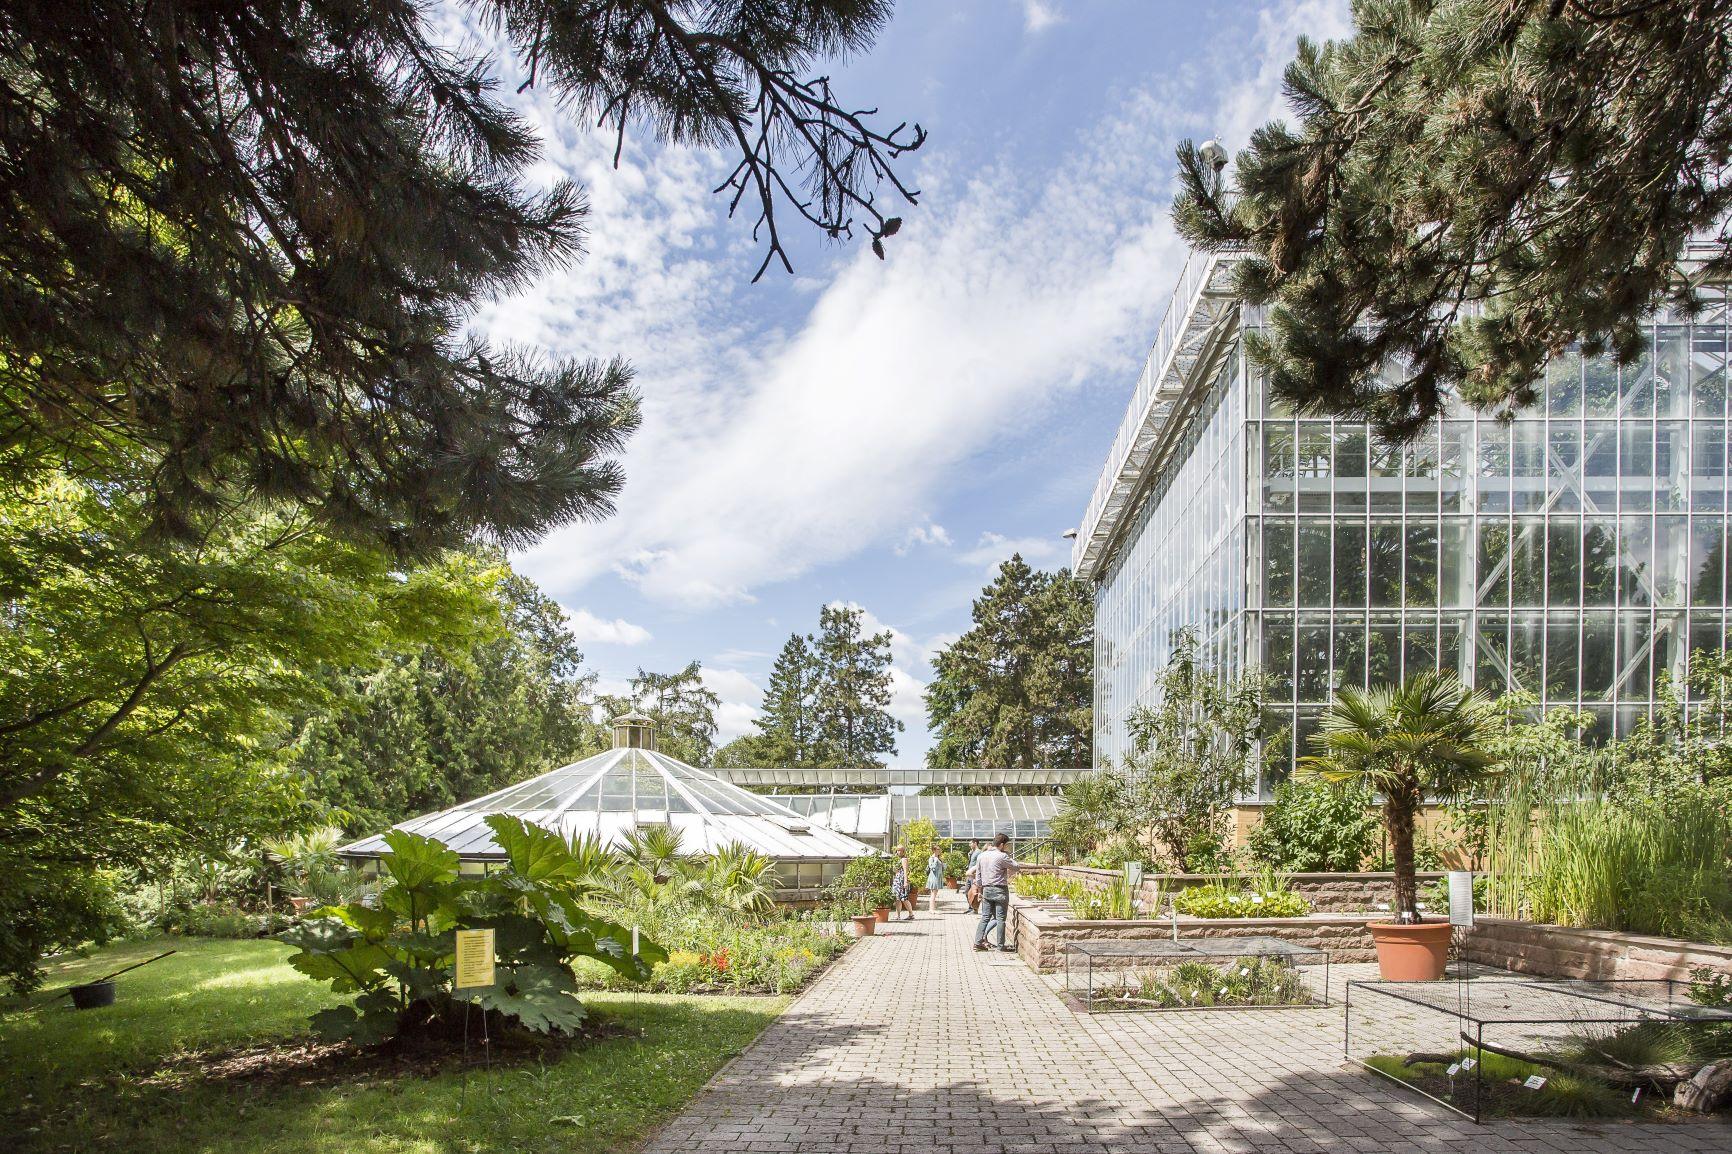 Nach Corona Pause Botanischer Garten Offnet Seine Gewachshauser Wieder Fur Besucher Hallespektrum De Onlinemagazin Aus Halle Saale